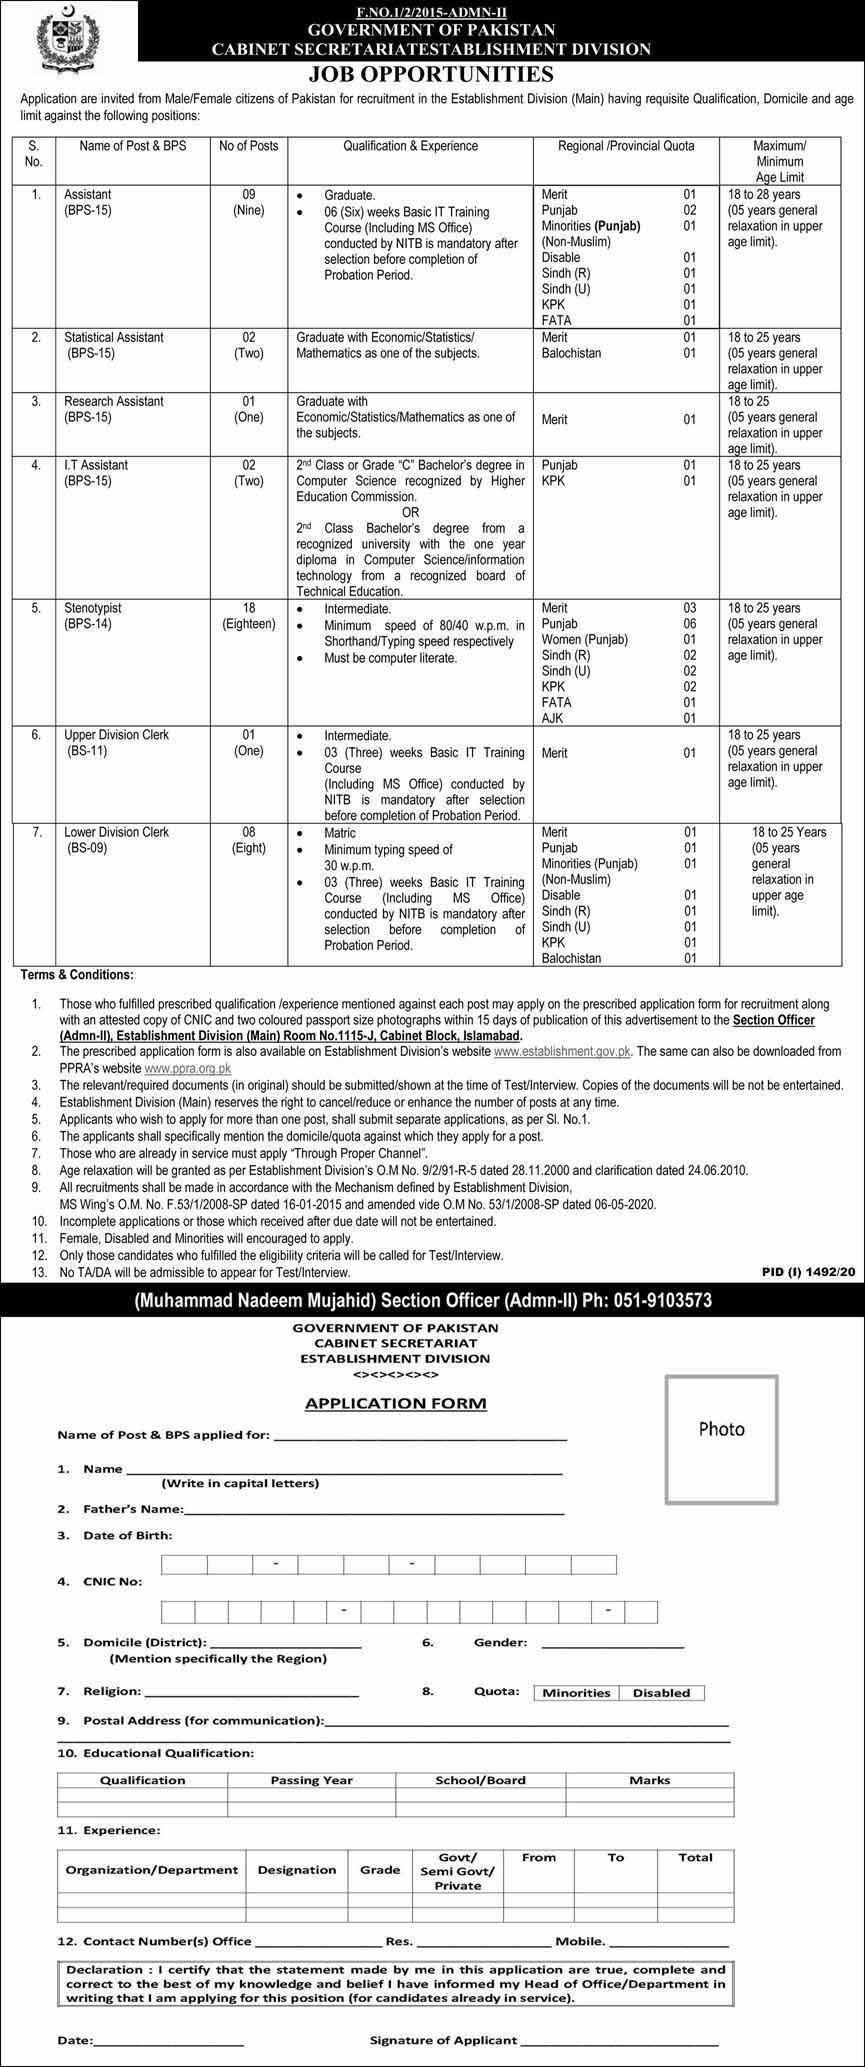 Jobs in Cabinet Secretariat Establishment Division Islamabad (41 Posts)